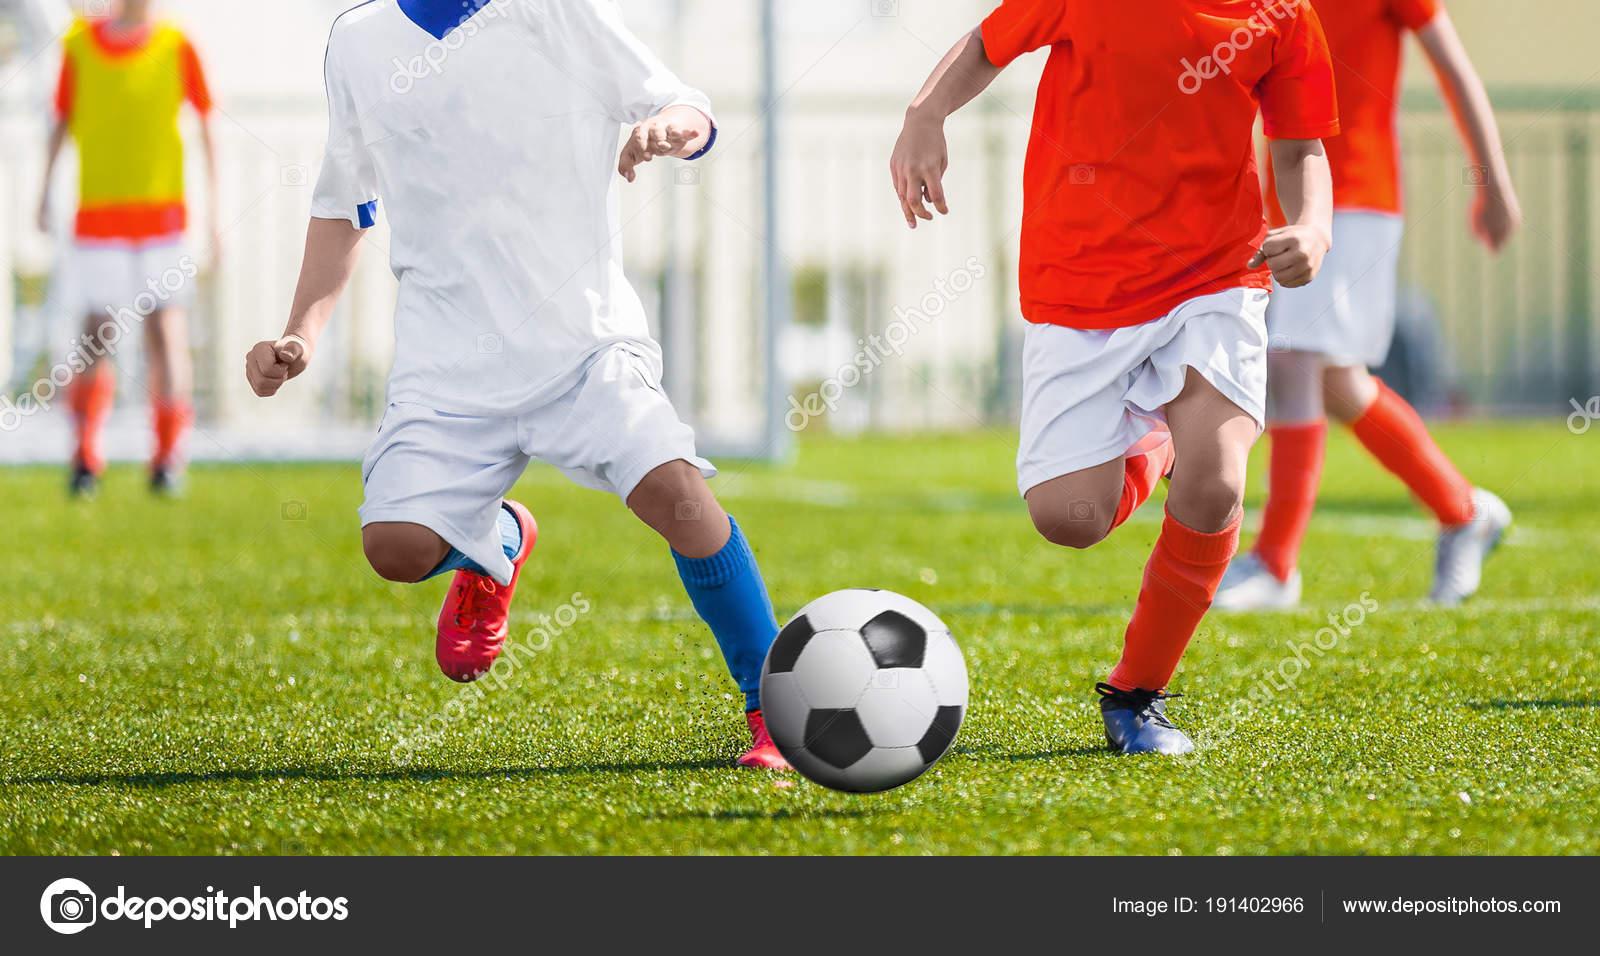 f83236464 Kolejny piłkarski młodych piłkarzy. Piłkarze kopanie piłki nożnej mecz gra. Piłka  nożna juniorów uruchomiona po piłkę. Stadion piłkarski w tle.